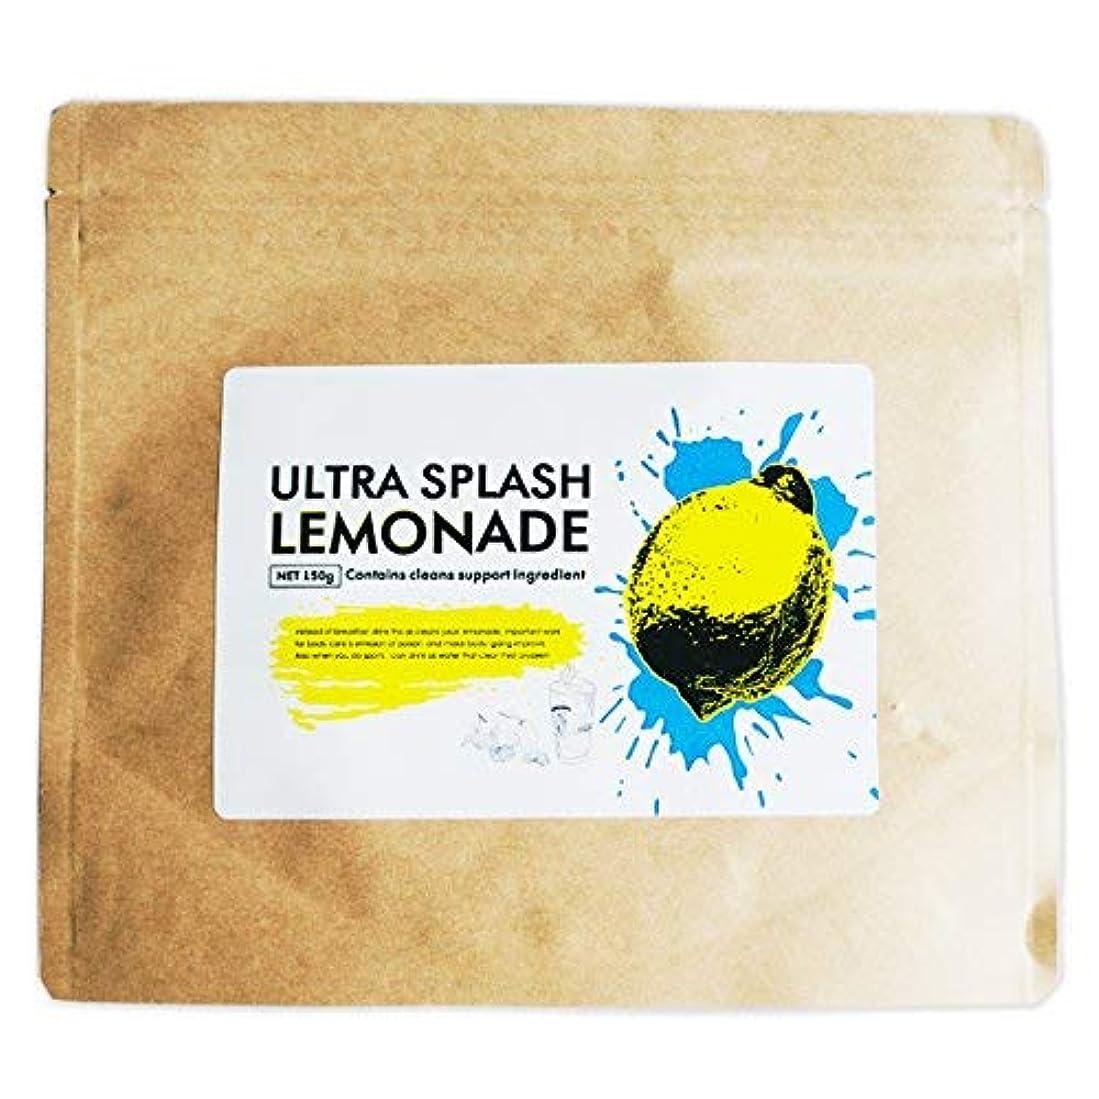 ラジウム眩惑するぬれた炭酸 レモネード クレンズジュース 7億5千個の乳酸菌 フォルスコリ デキストリン キャンドルブッシュ 172種類の 酵素 配合 150g by ULTRA SPLASH